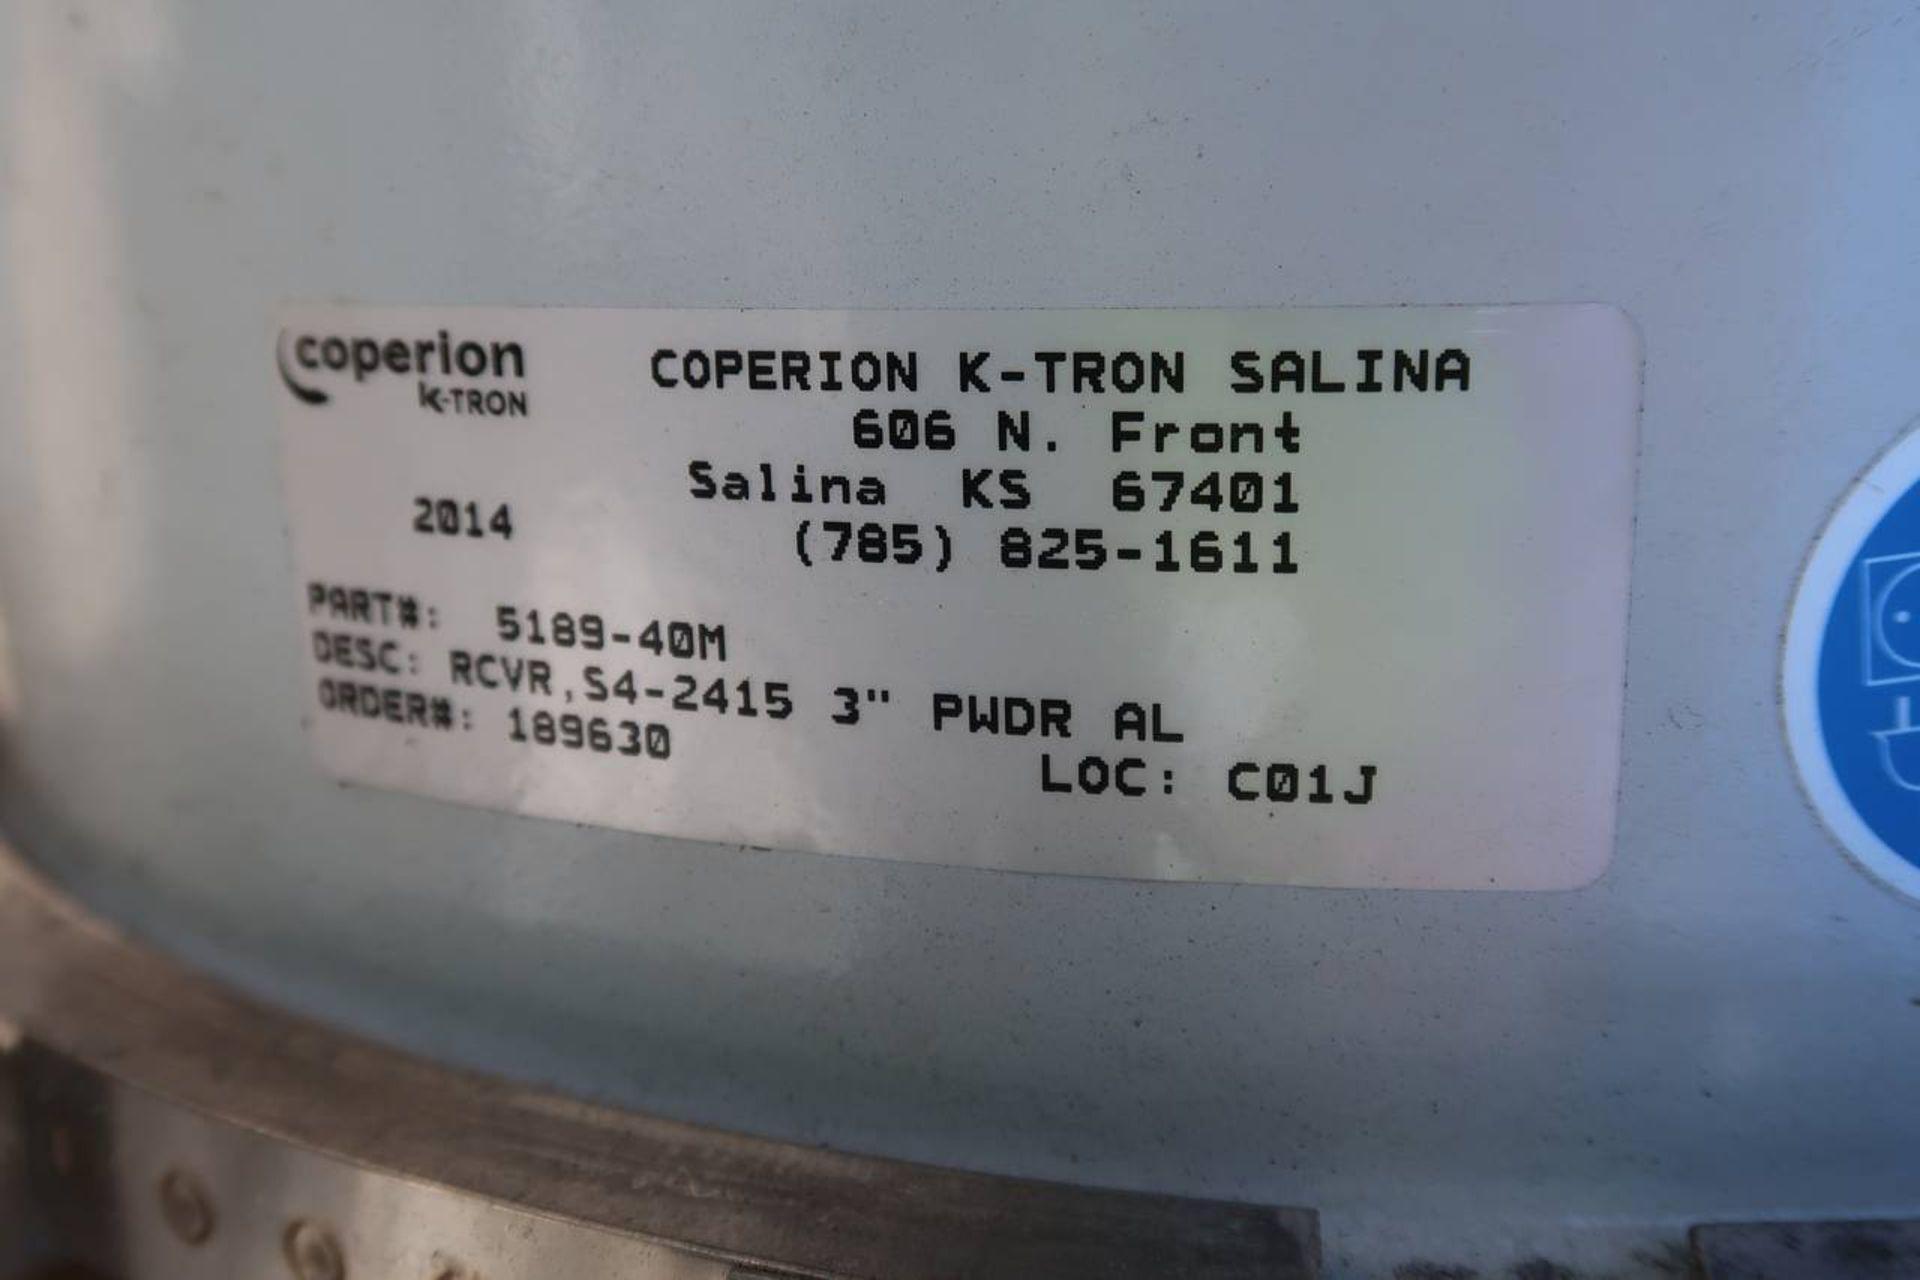 Coperion K-Tron 5189-40M Vacuum Hopper - Image 4 of 4